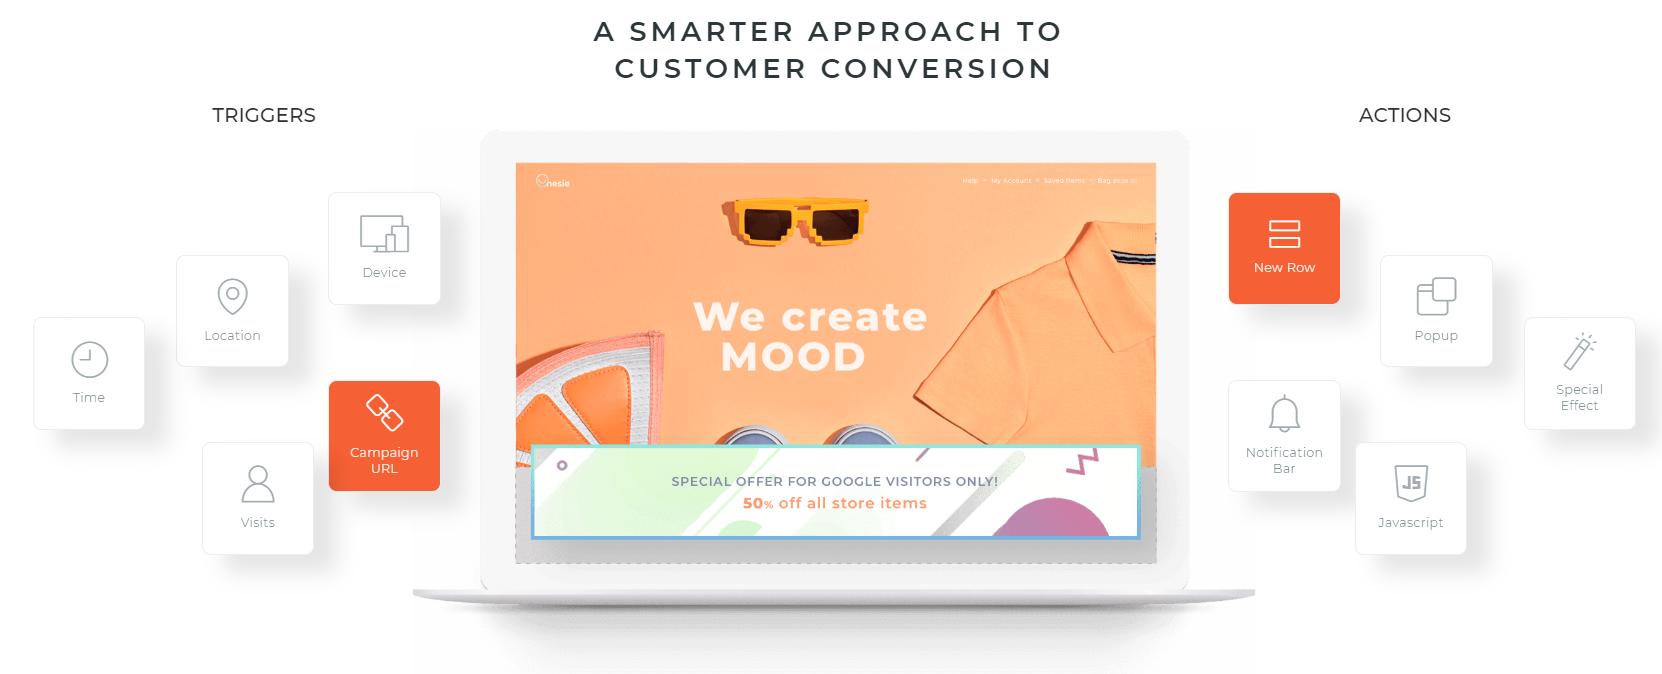 Duda Website Builder Coupon Codes- Smarter Way To Convert